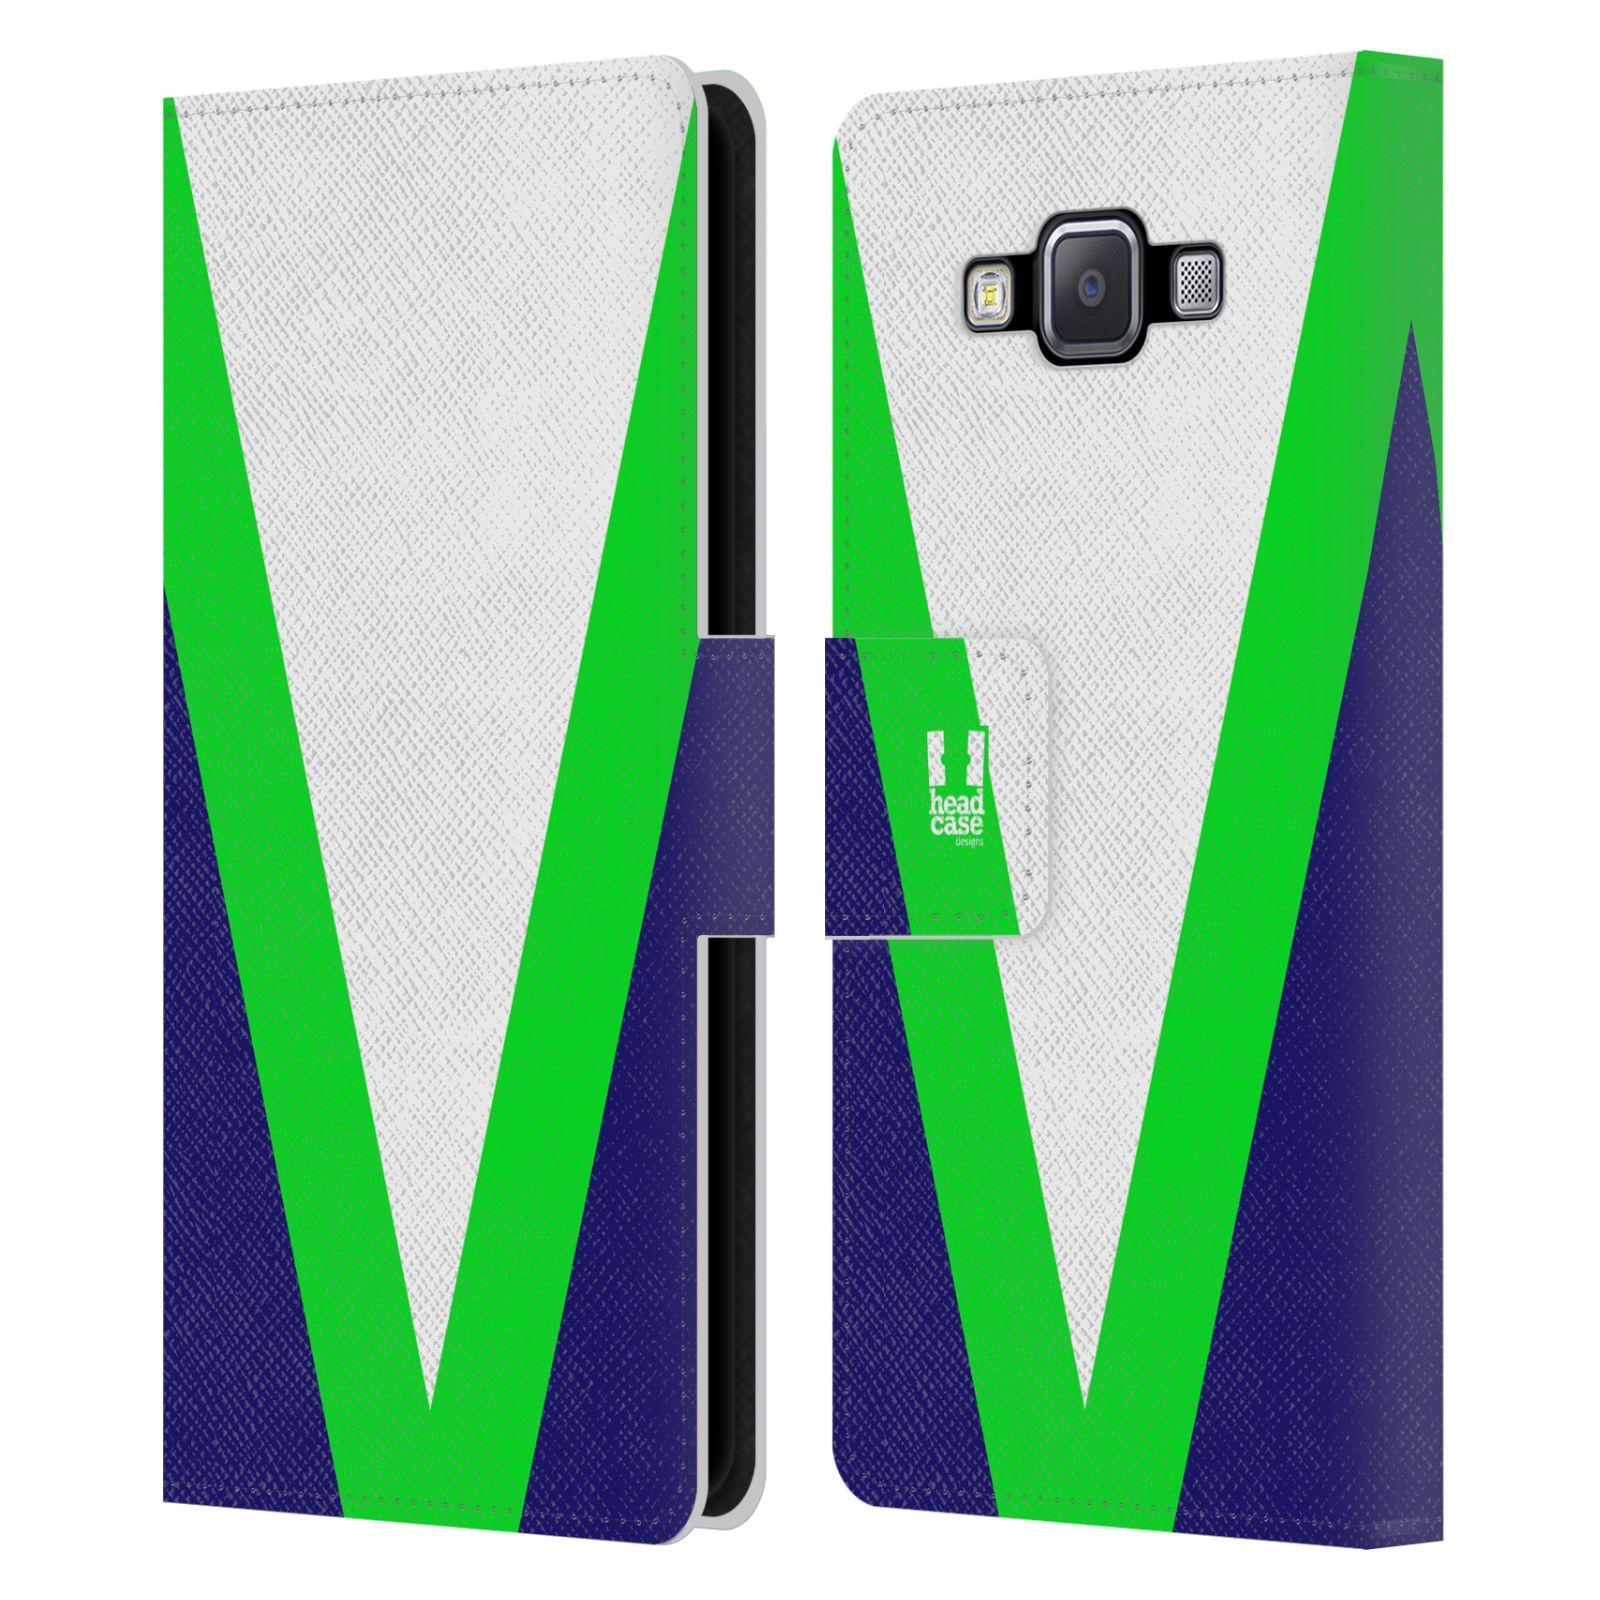 HEAD CASE Flipové pouzdro pro mobil Samsung Galaxy A5 barevné tvary zelená a modrá